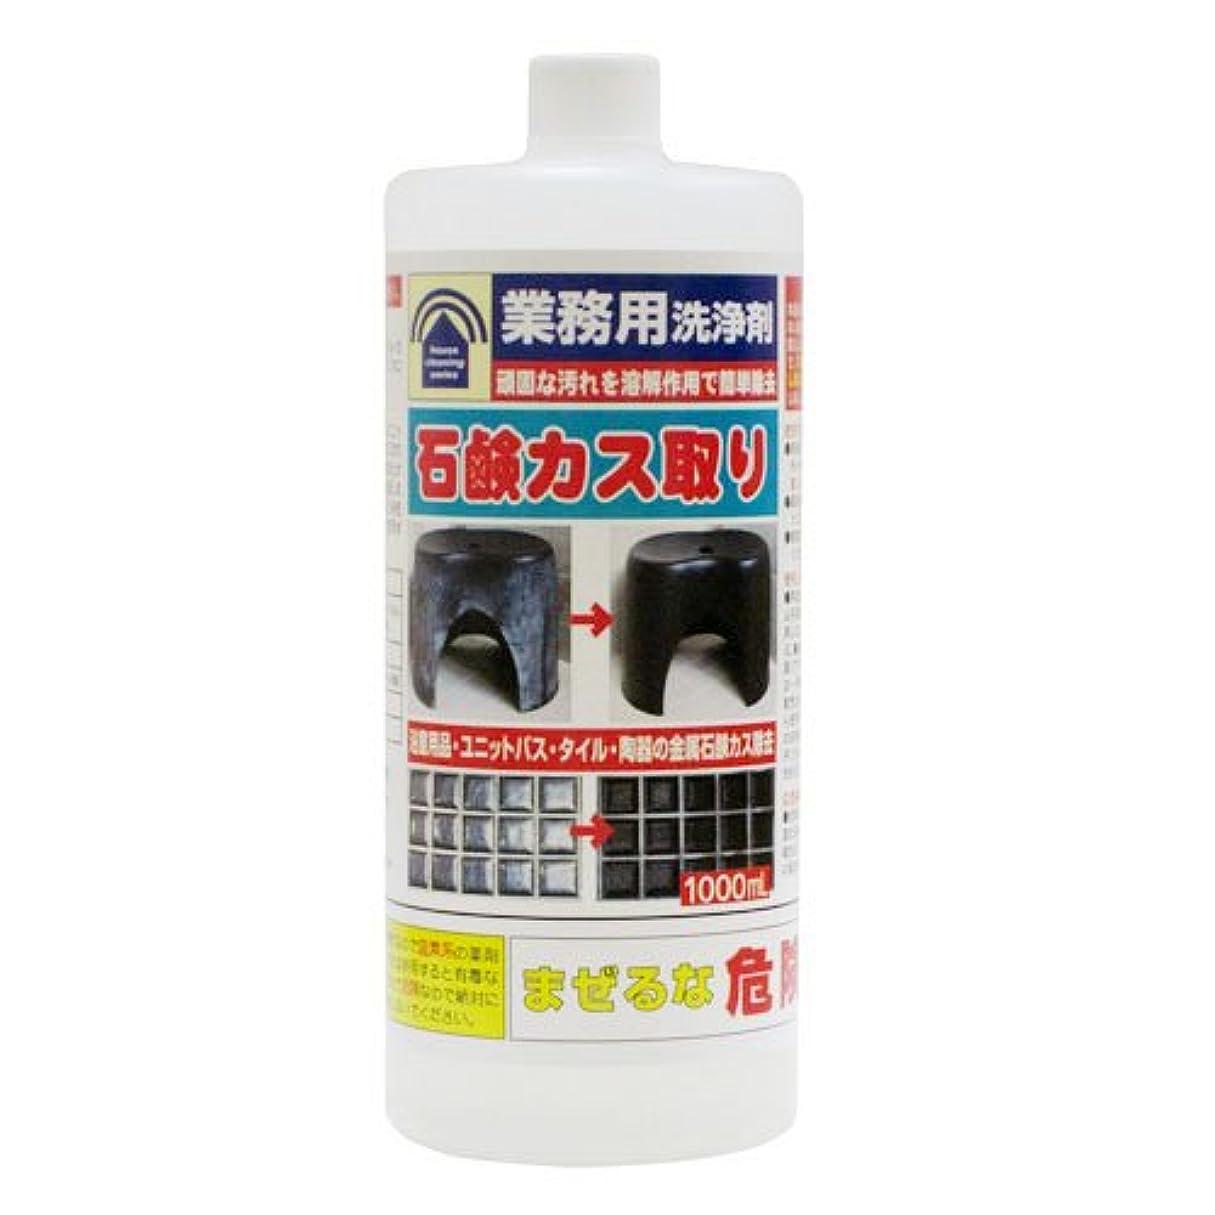 サイトラインヒットブルゴーニュトーヤク 業務用 石鹸カス取り 1000ml